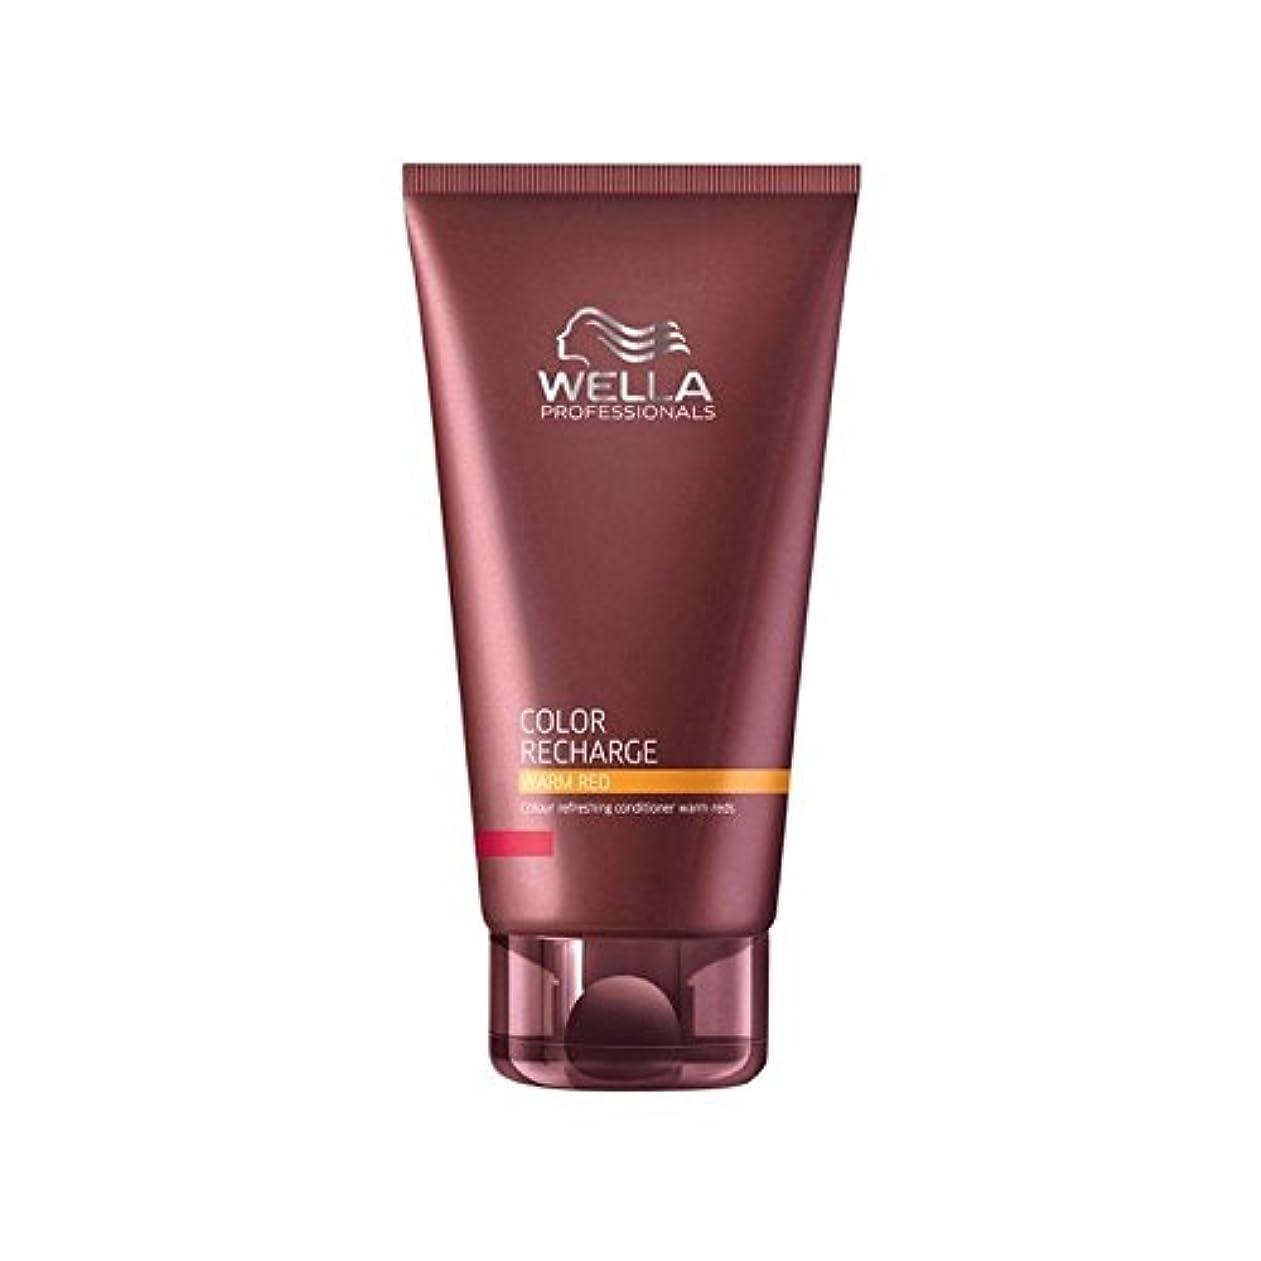 曖昧な飾り羽敗北Wella Professionals Color Recharge Conditioner Warm Red (200ml) - ウエラ専門家のカラー再充電コンディショナー暖かい赤(200ミリリットル) [並行輸入品]